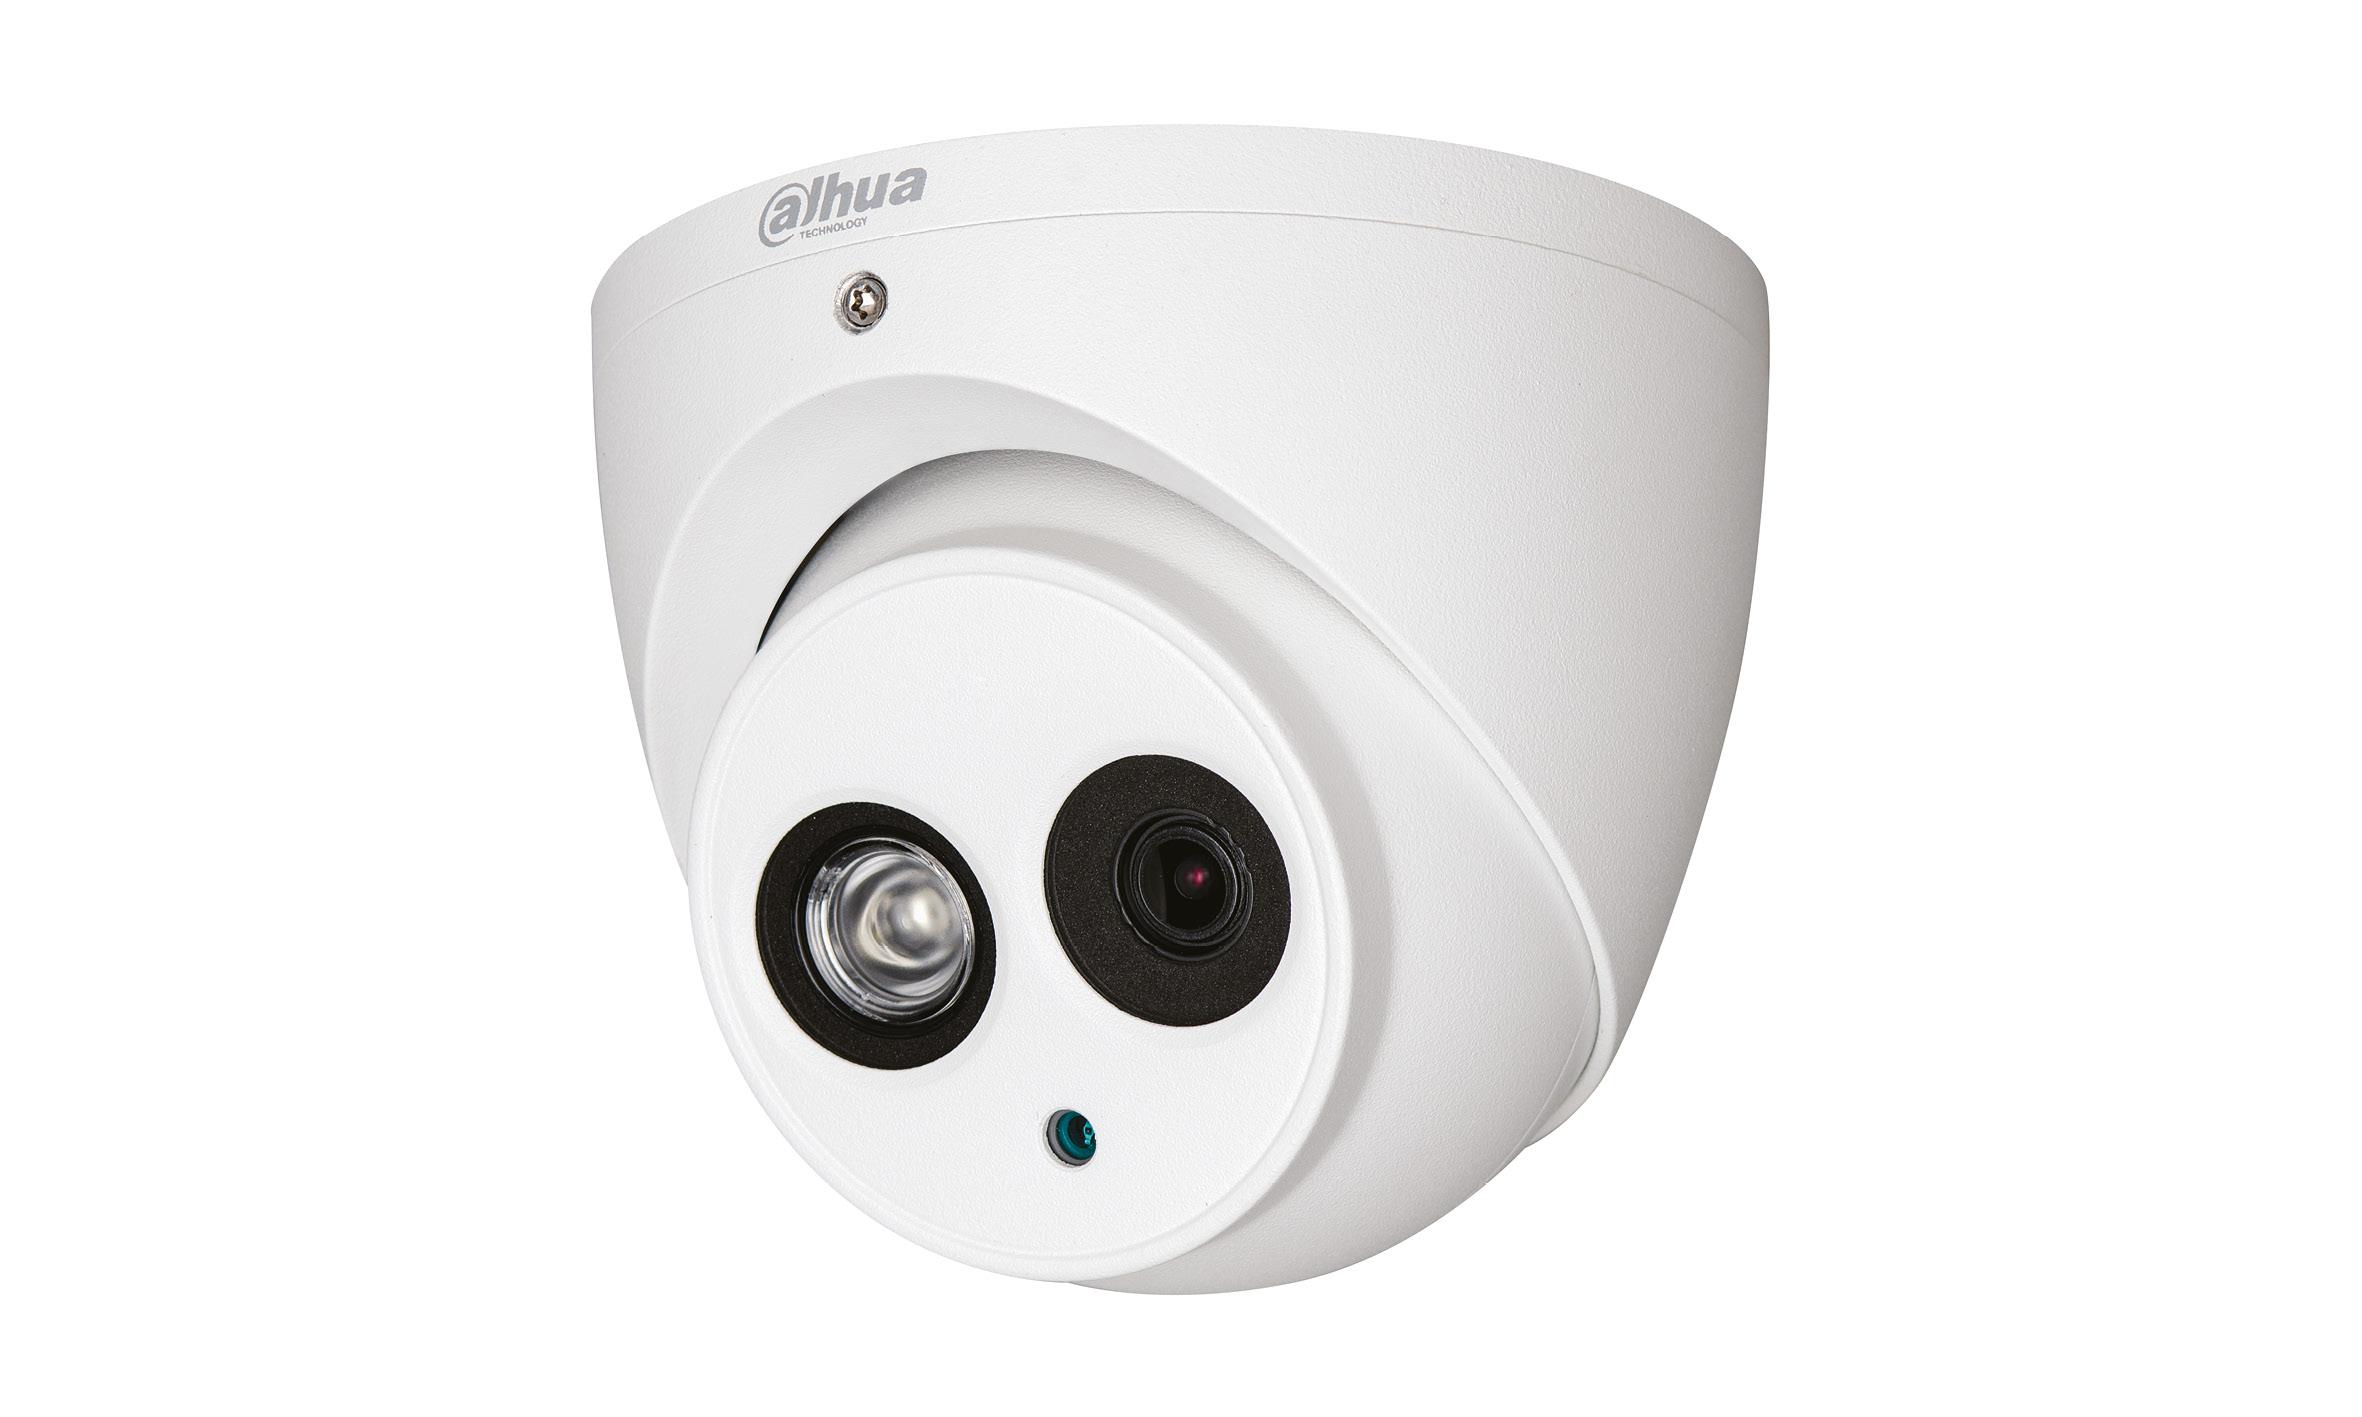 Static Dome Cameras